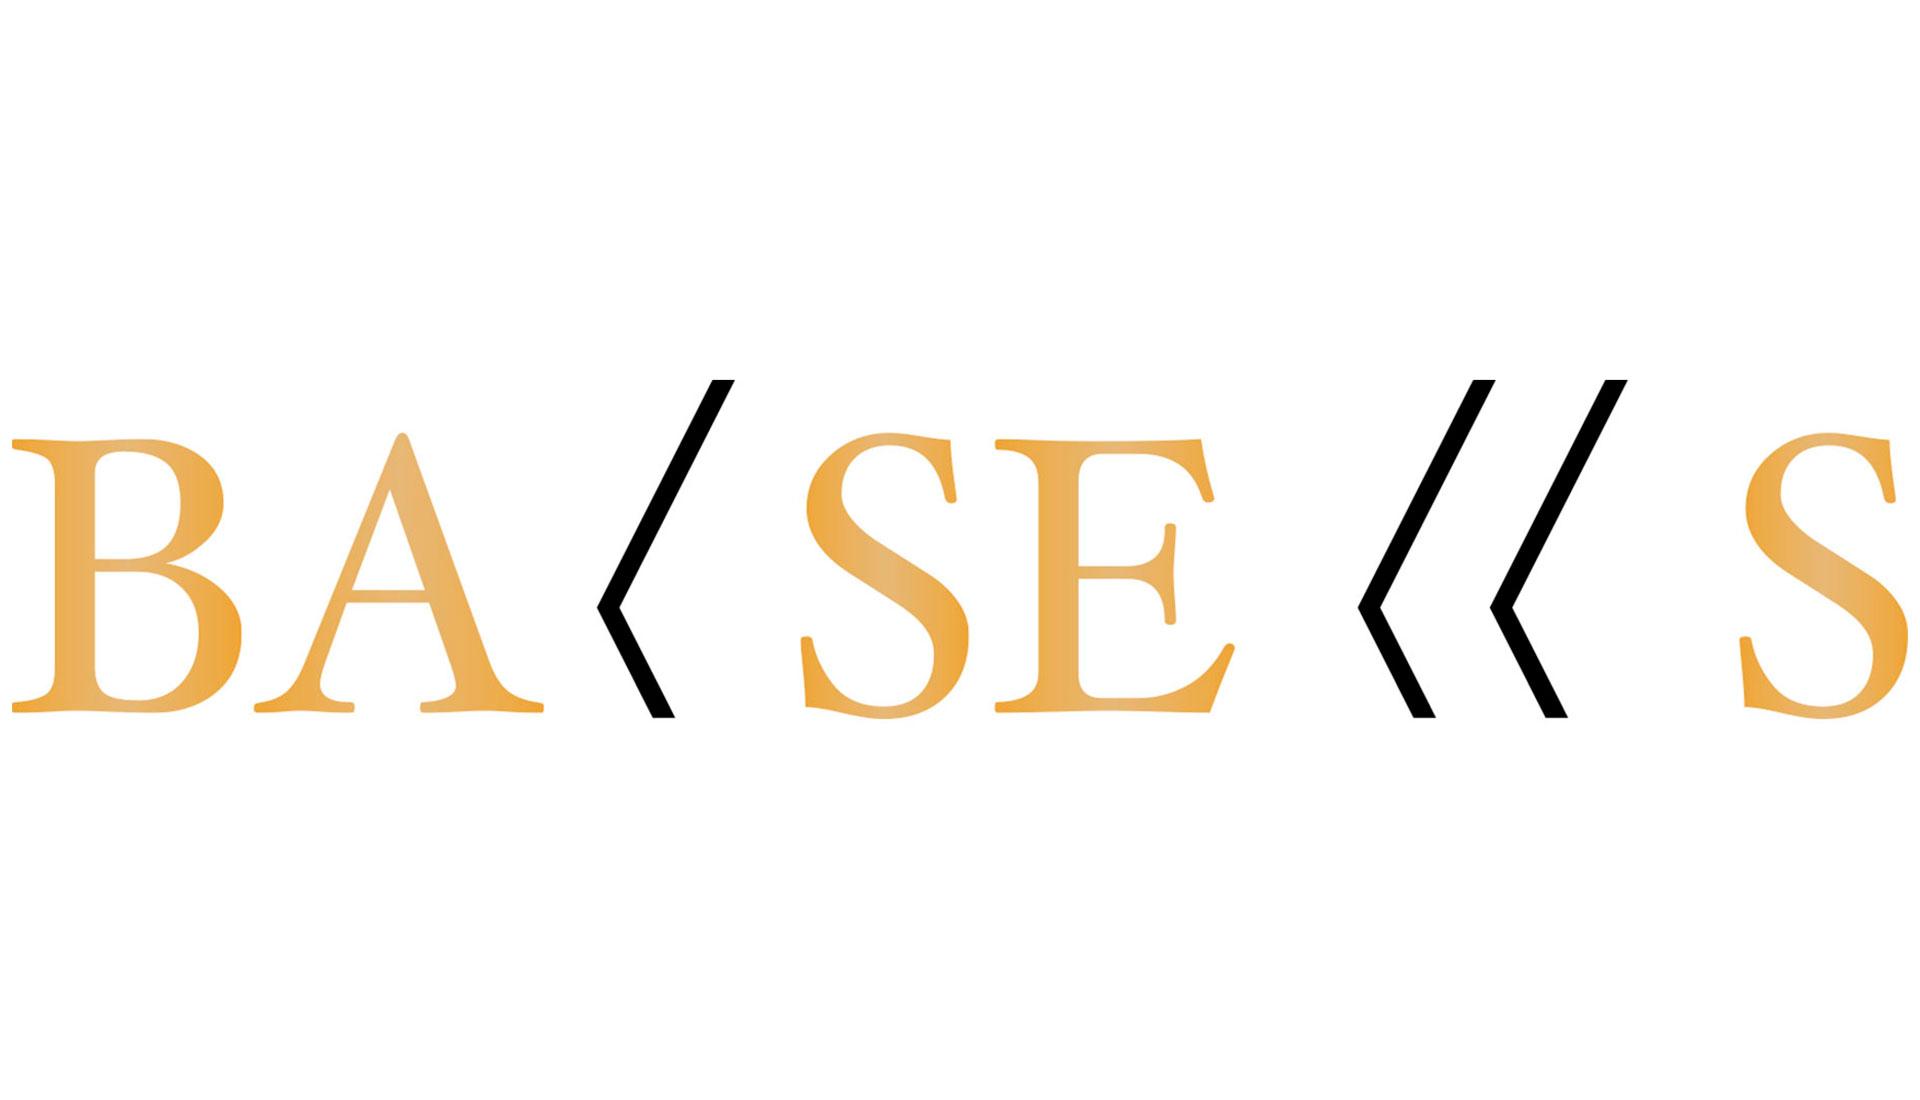 agencia-marketing-digital-valencia-identidad-corporativa-branding-seguros-balsells-04